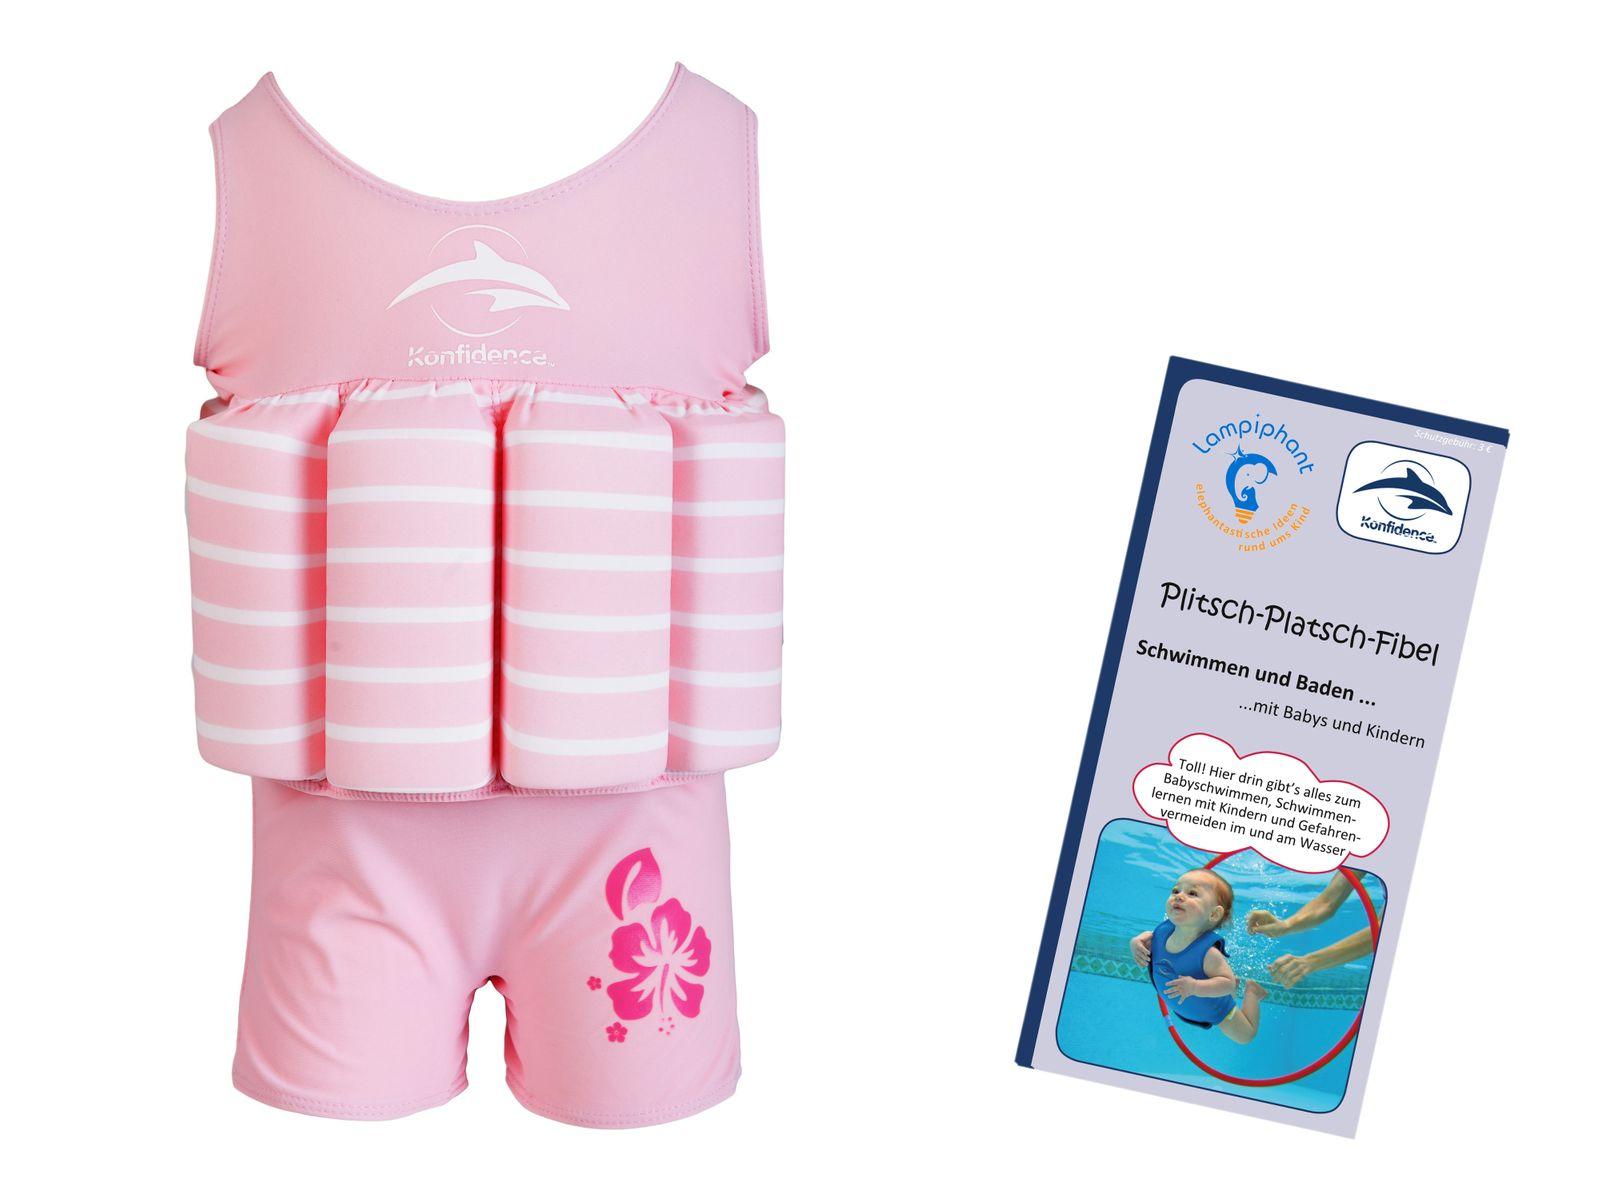 Konfidence Floatsuit, Schwimmhilfe mit umfangreichen Schwimmratgeber – Bild 10